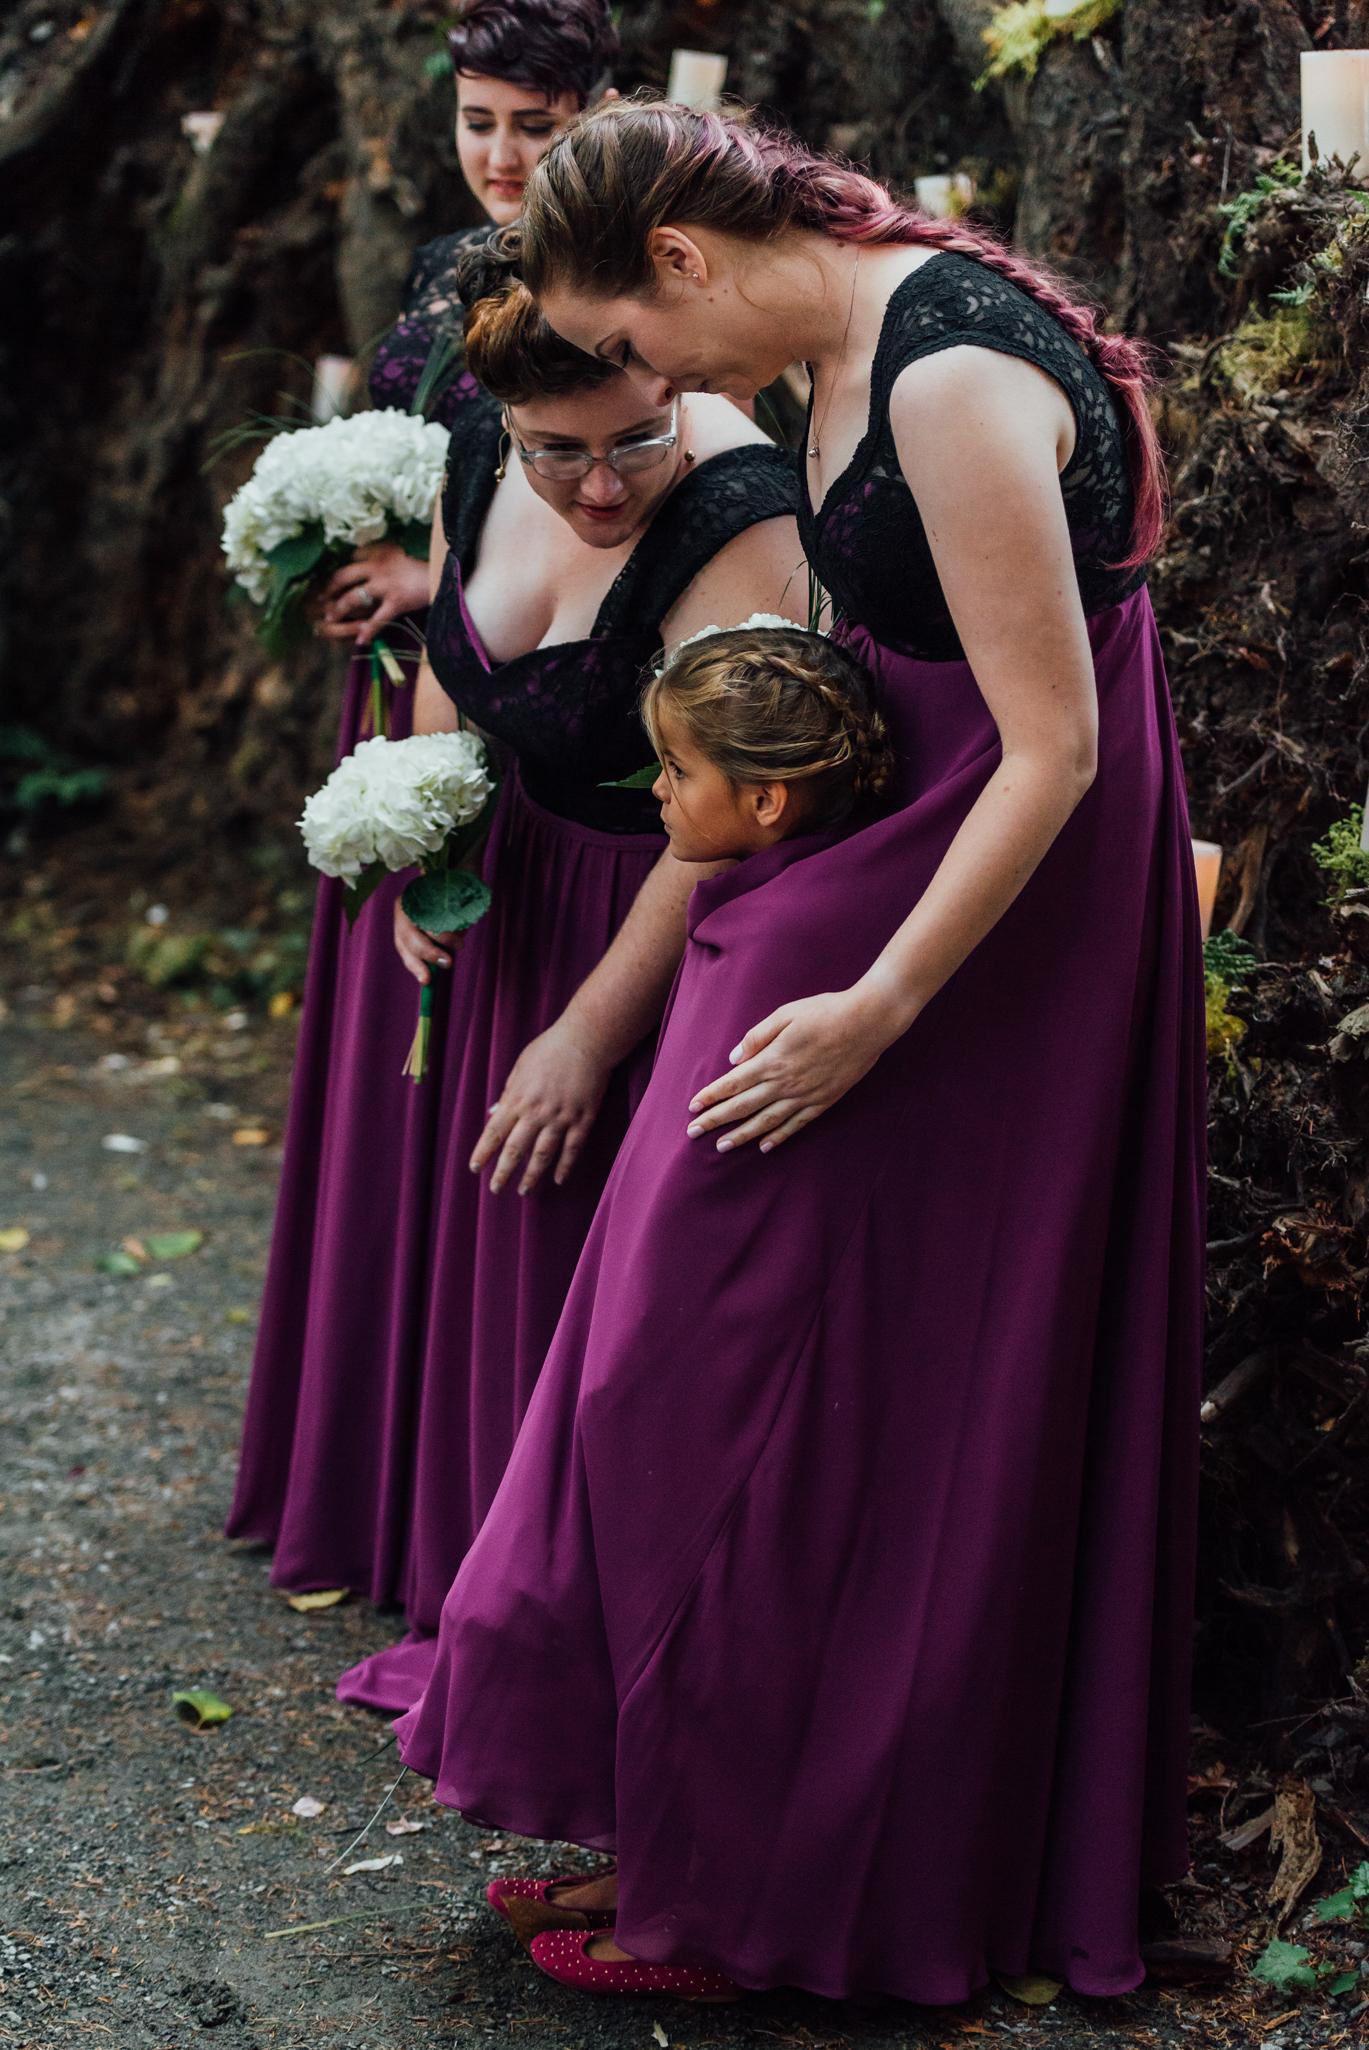 Nicola_Reiersen_Photography_Sea_Cider_Forest_Wedding (84).jpg